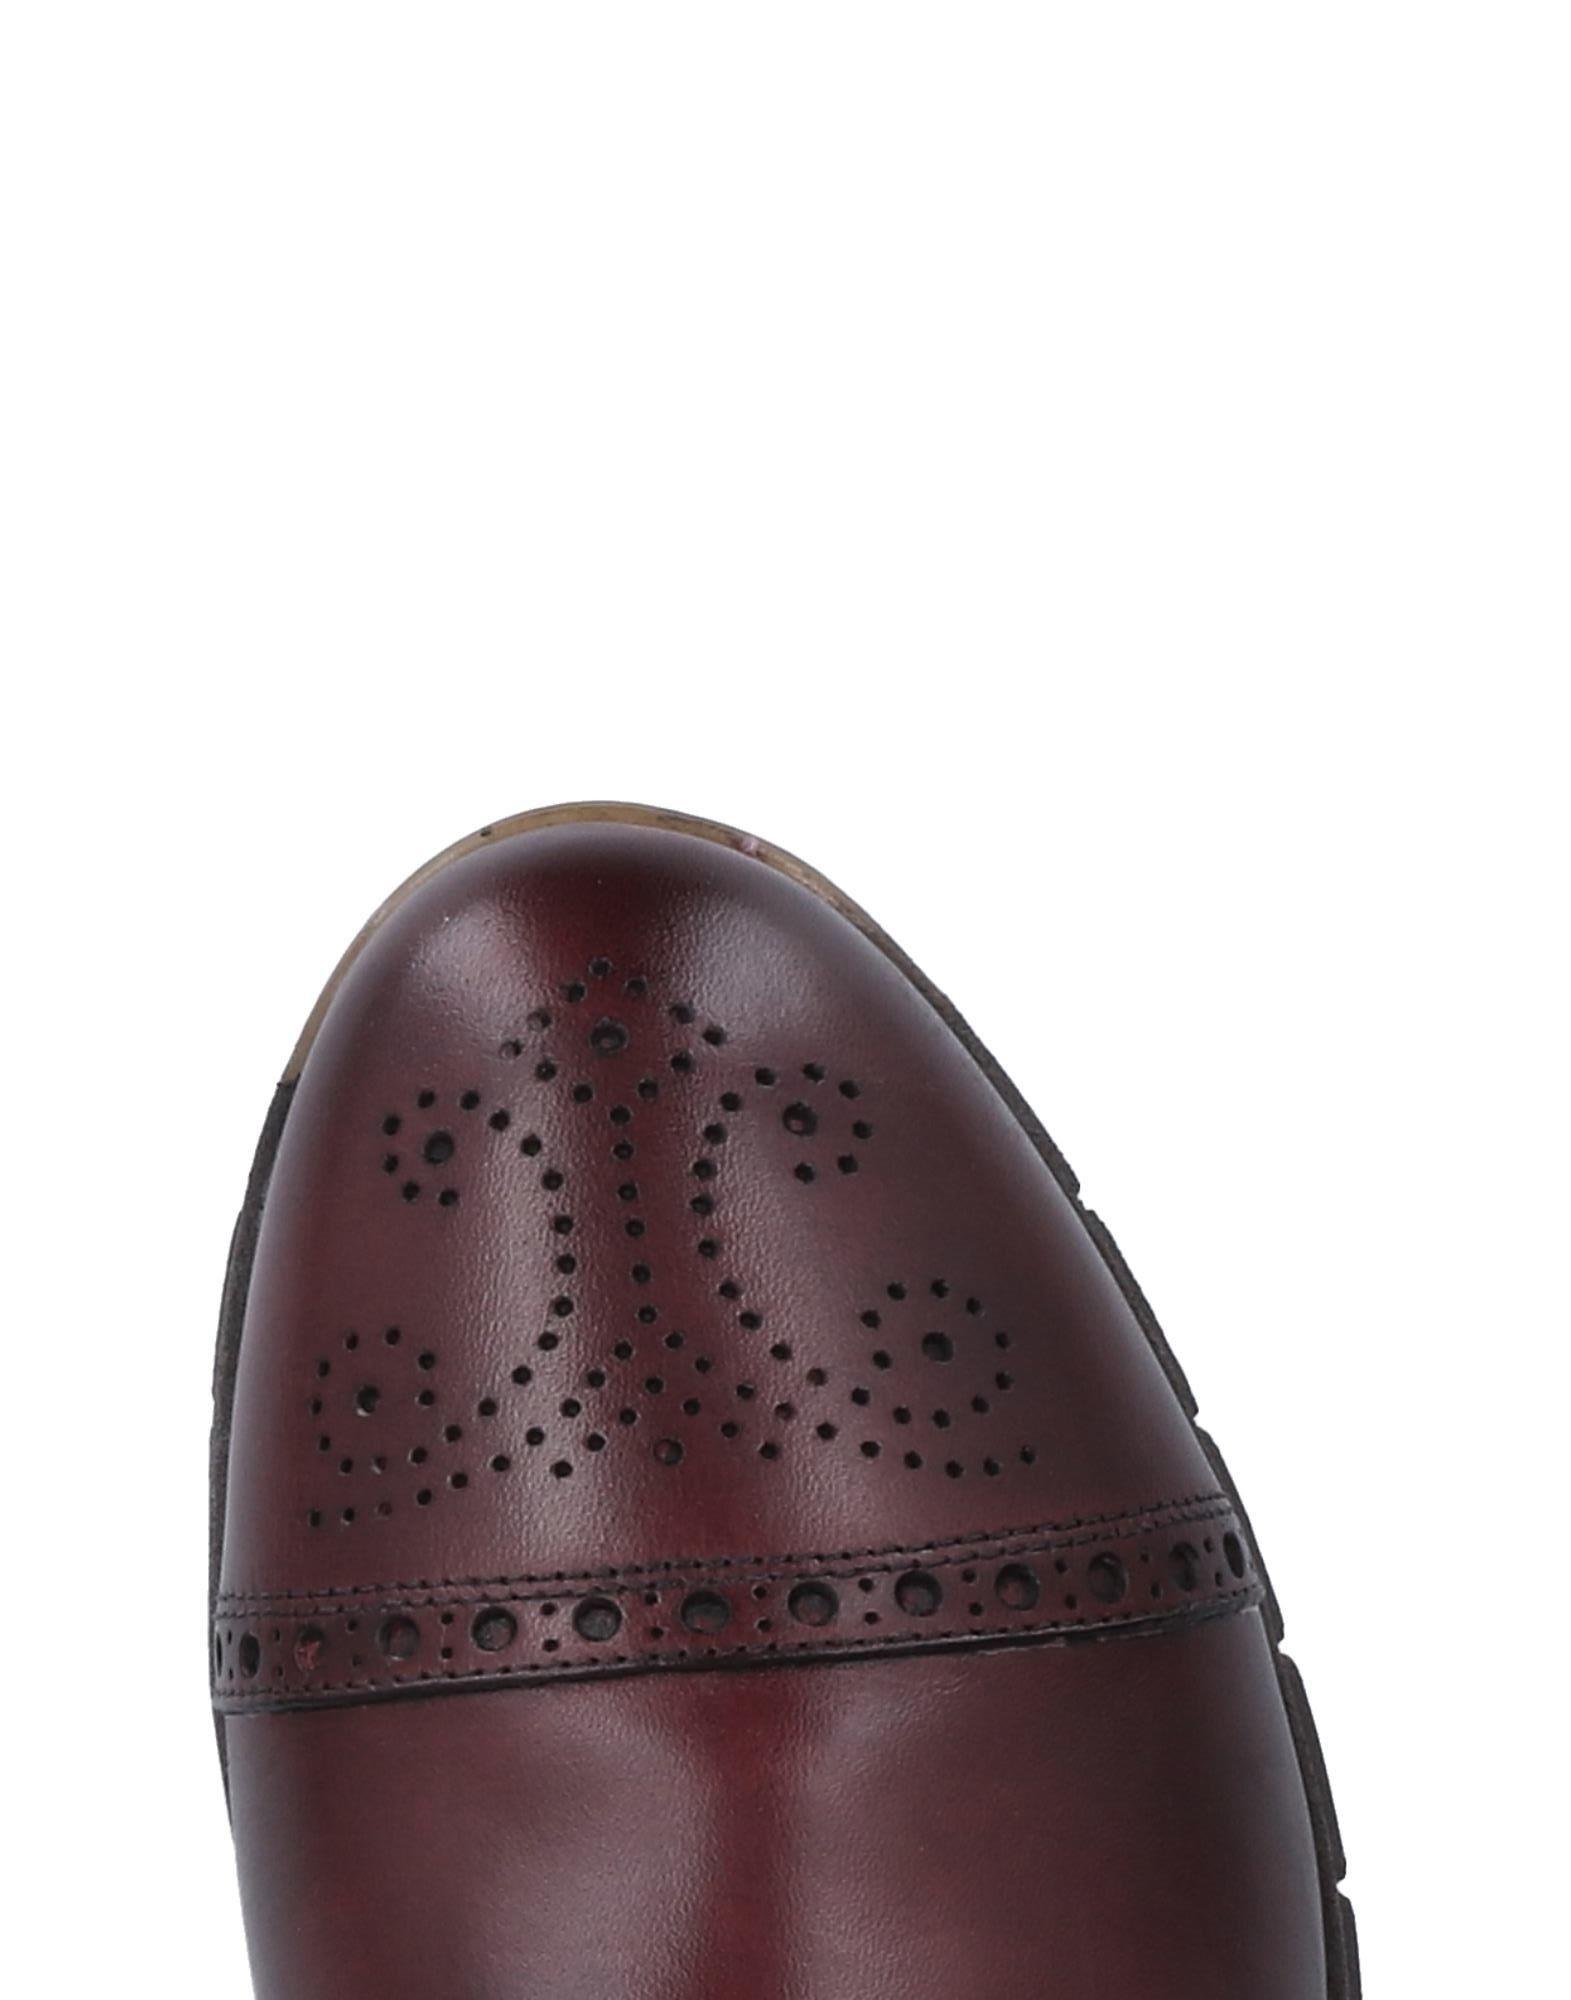 Cantarelli Schnürschuhe Herren Schuhe  11502309ME Heiße Schuhe Herren ab1f1e